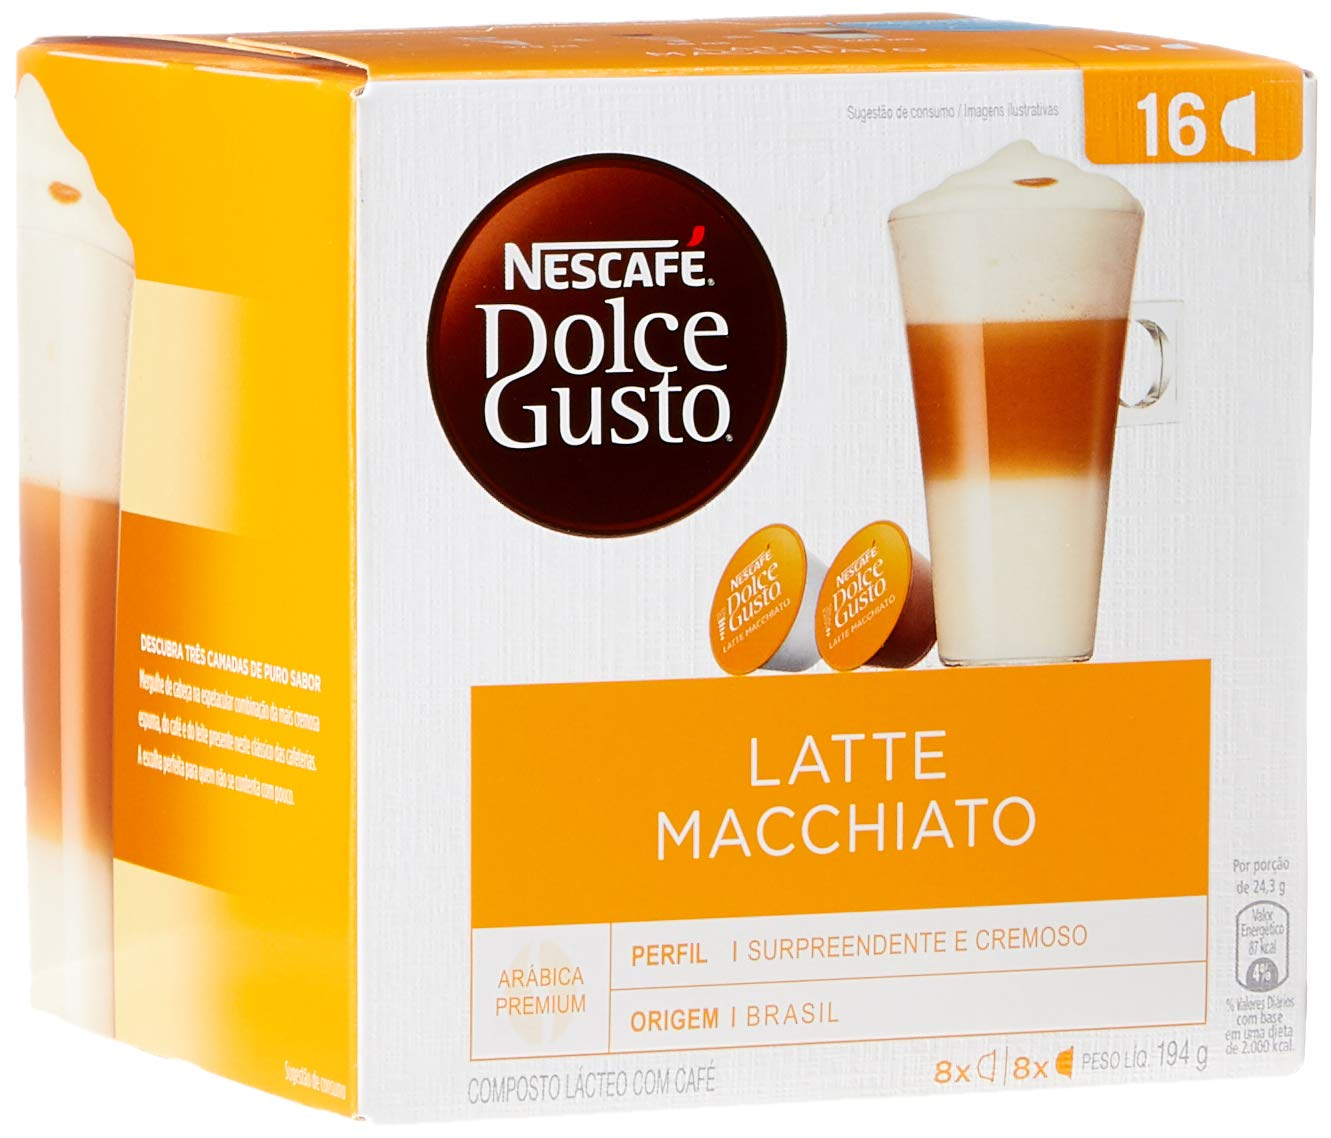 Nescafe Dolce Gusto Capsules, Latte Macchiato, 16 ct